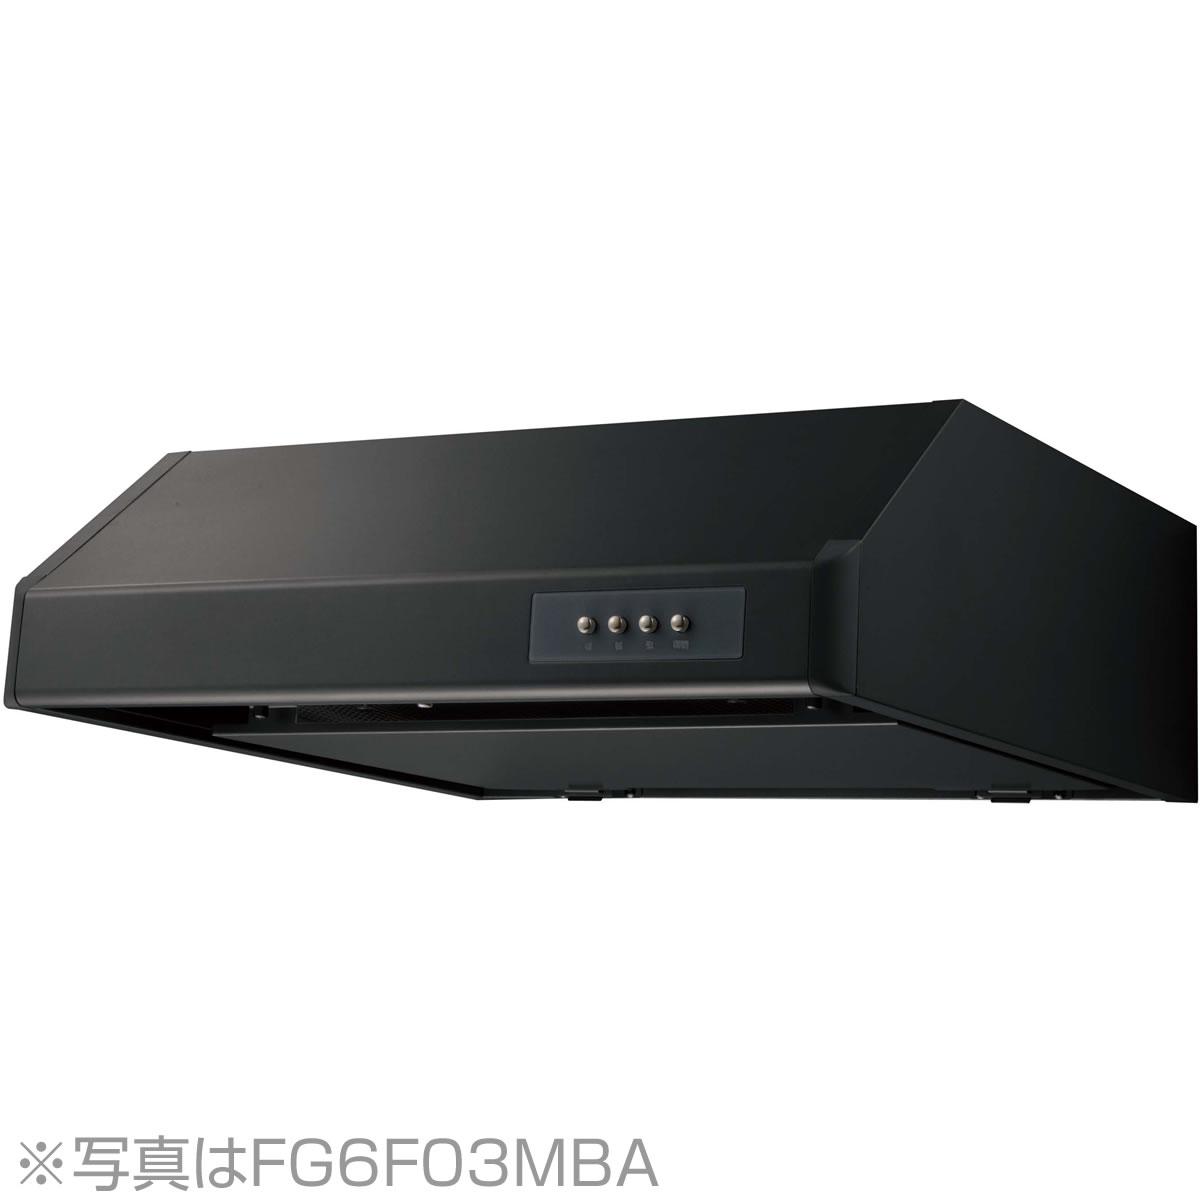 ノーリツ レンジフード 平型(シロッコファン) 幅90cm ブラック NFG9F03MBA [フラットフード] [ハーマンFG9F03MBA]